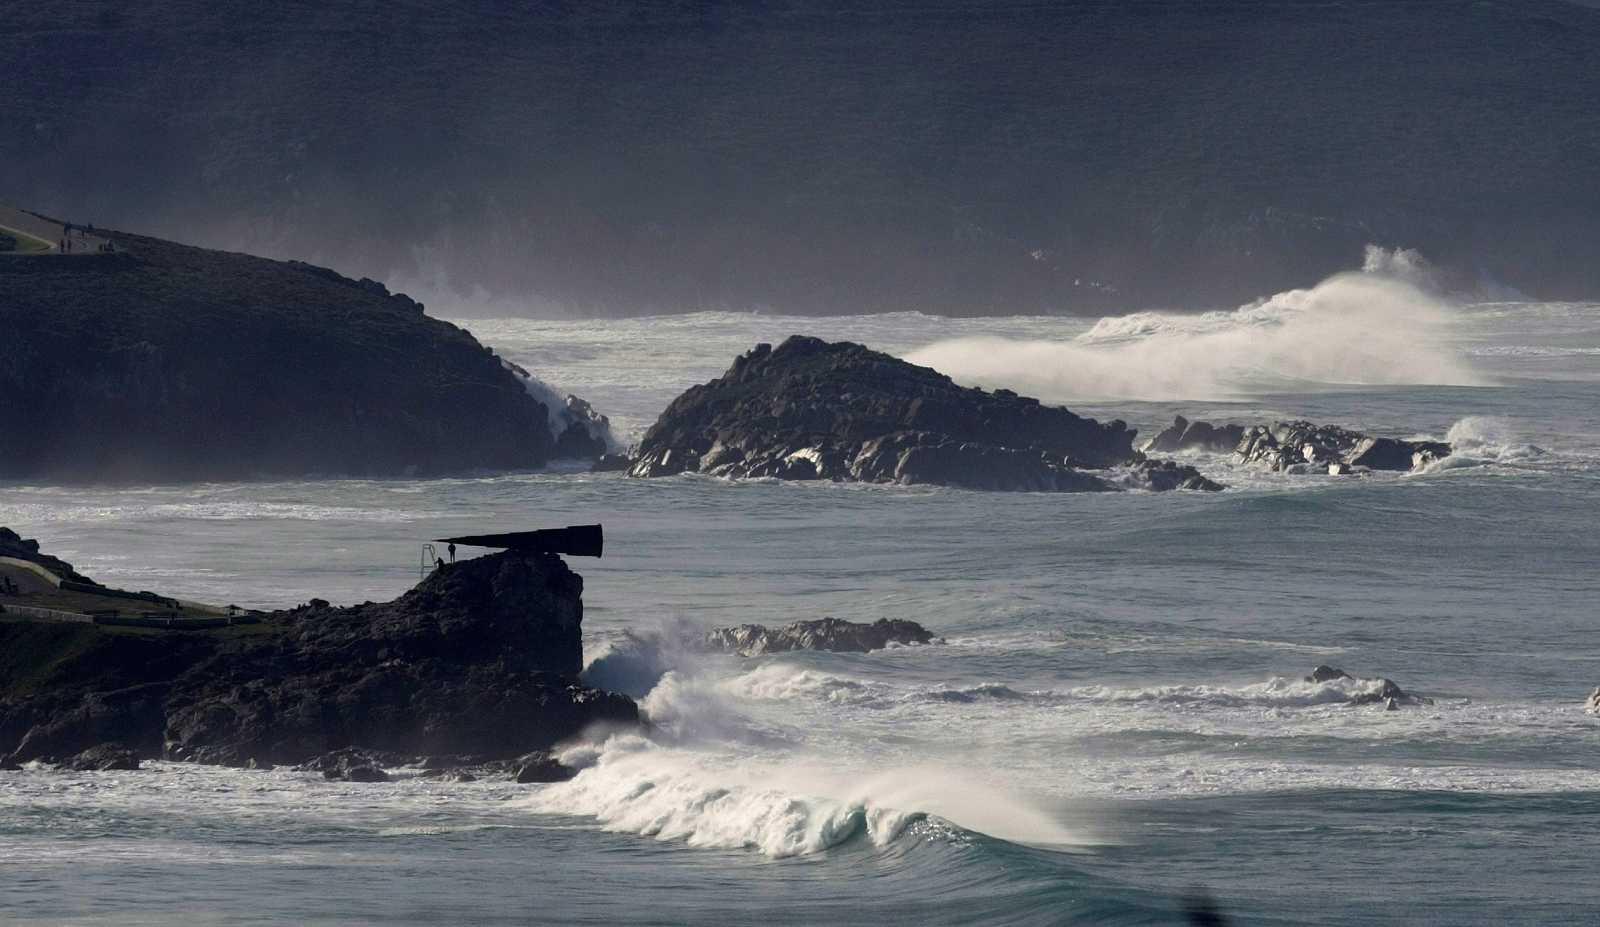 Precipitaciones localmente fuertes y persistentes en el oeste y sur de las islas Canarias de más relieve - Ver ahora